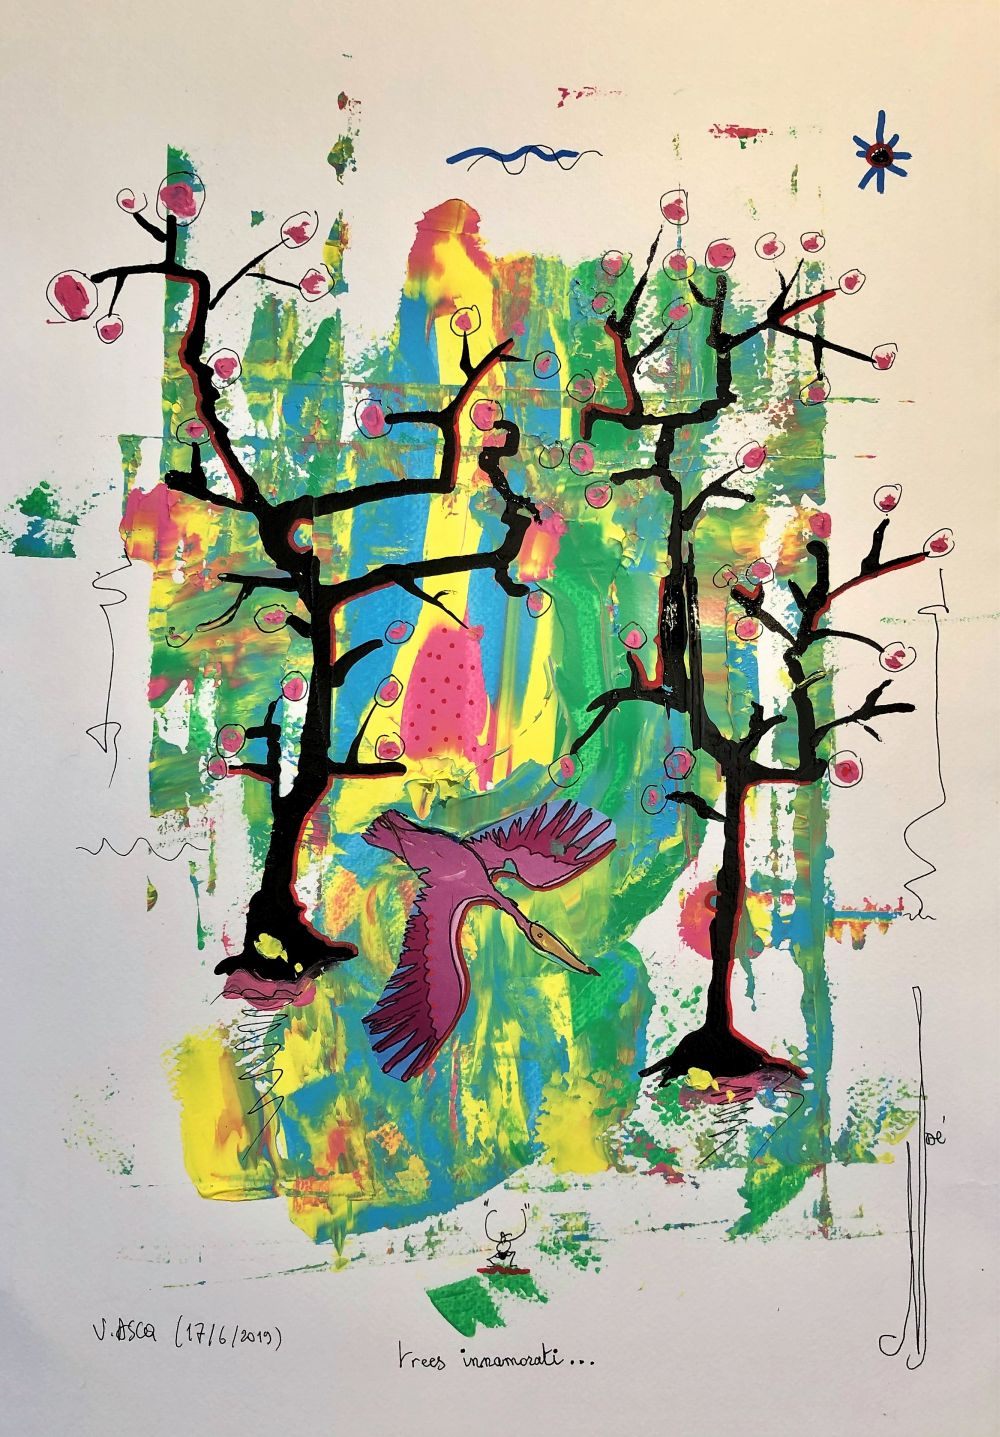 trees innamorati R